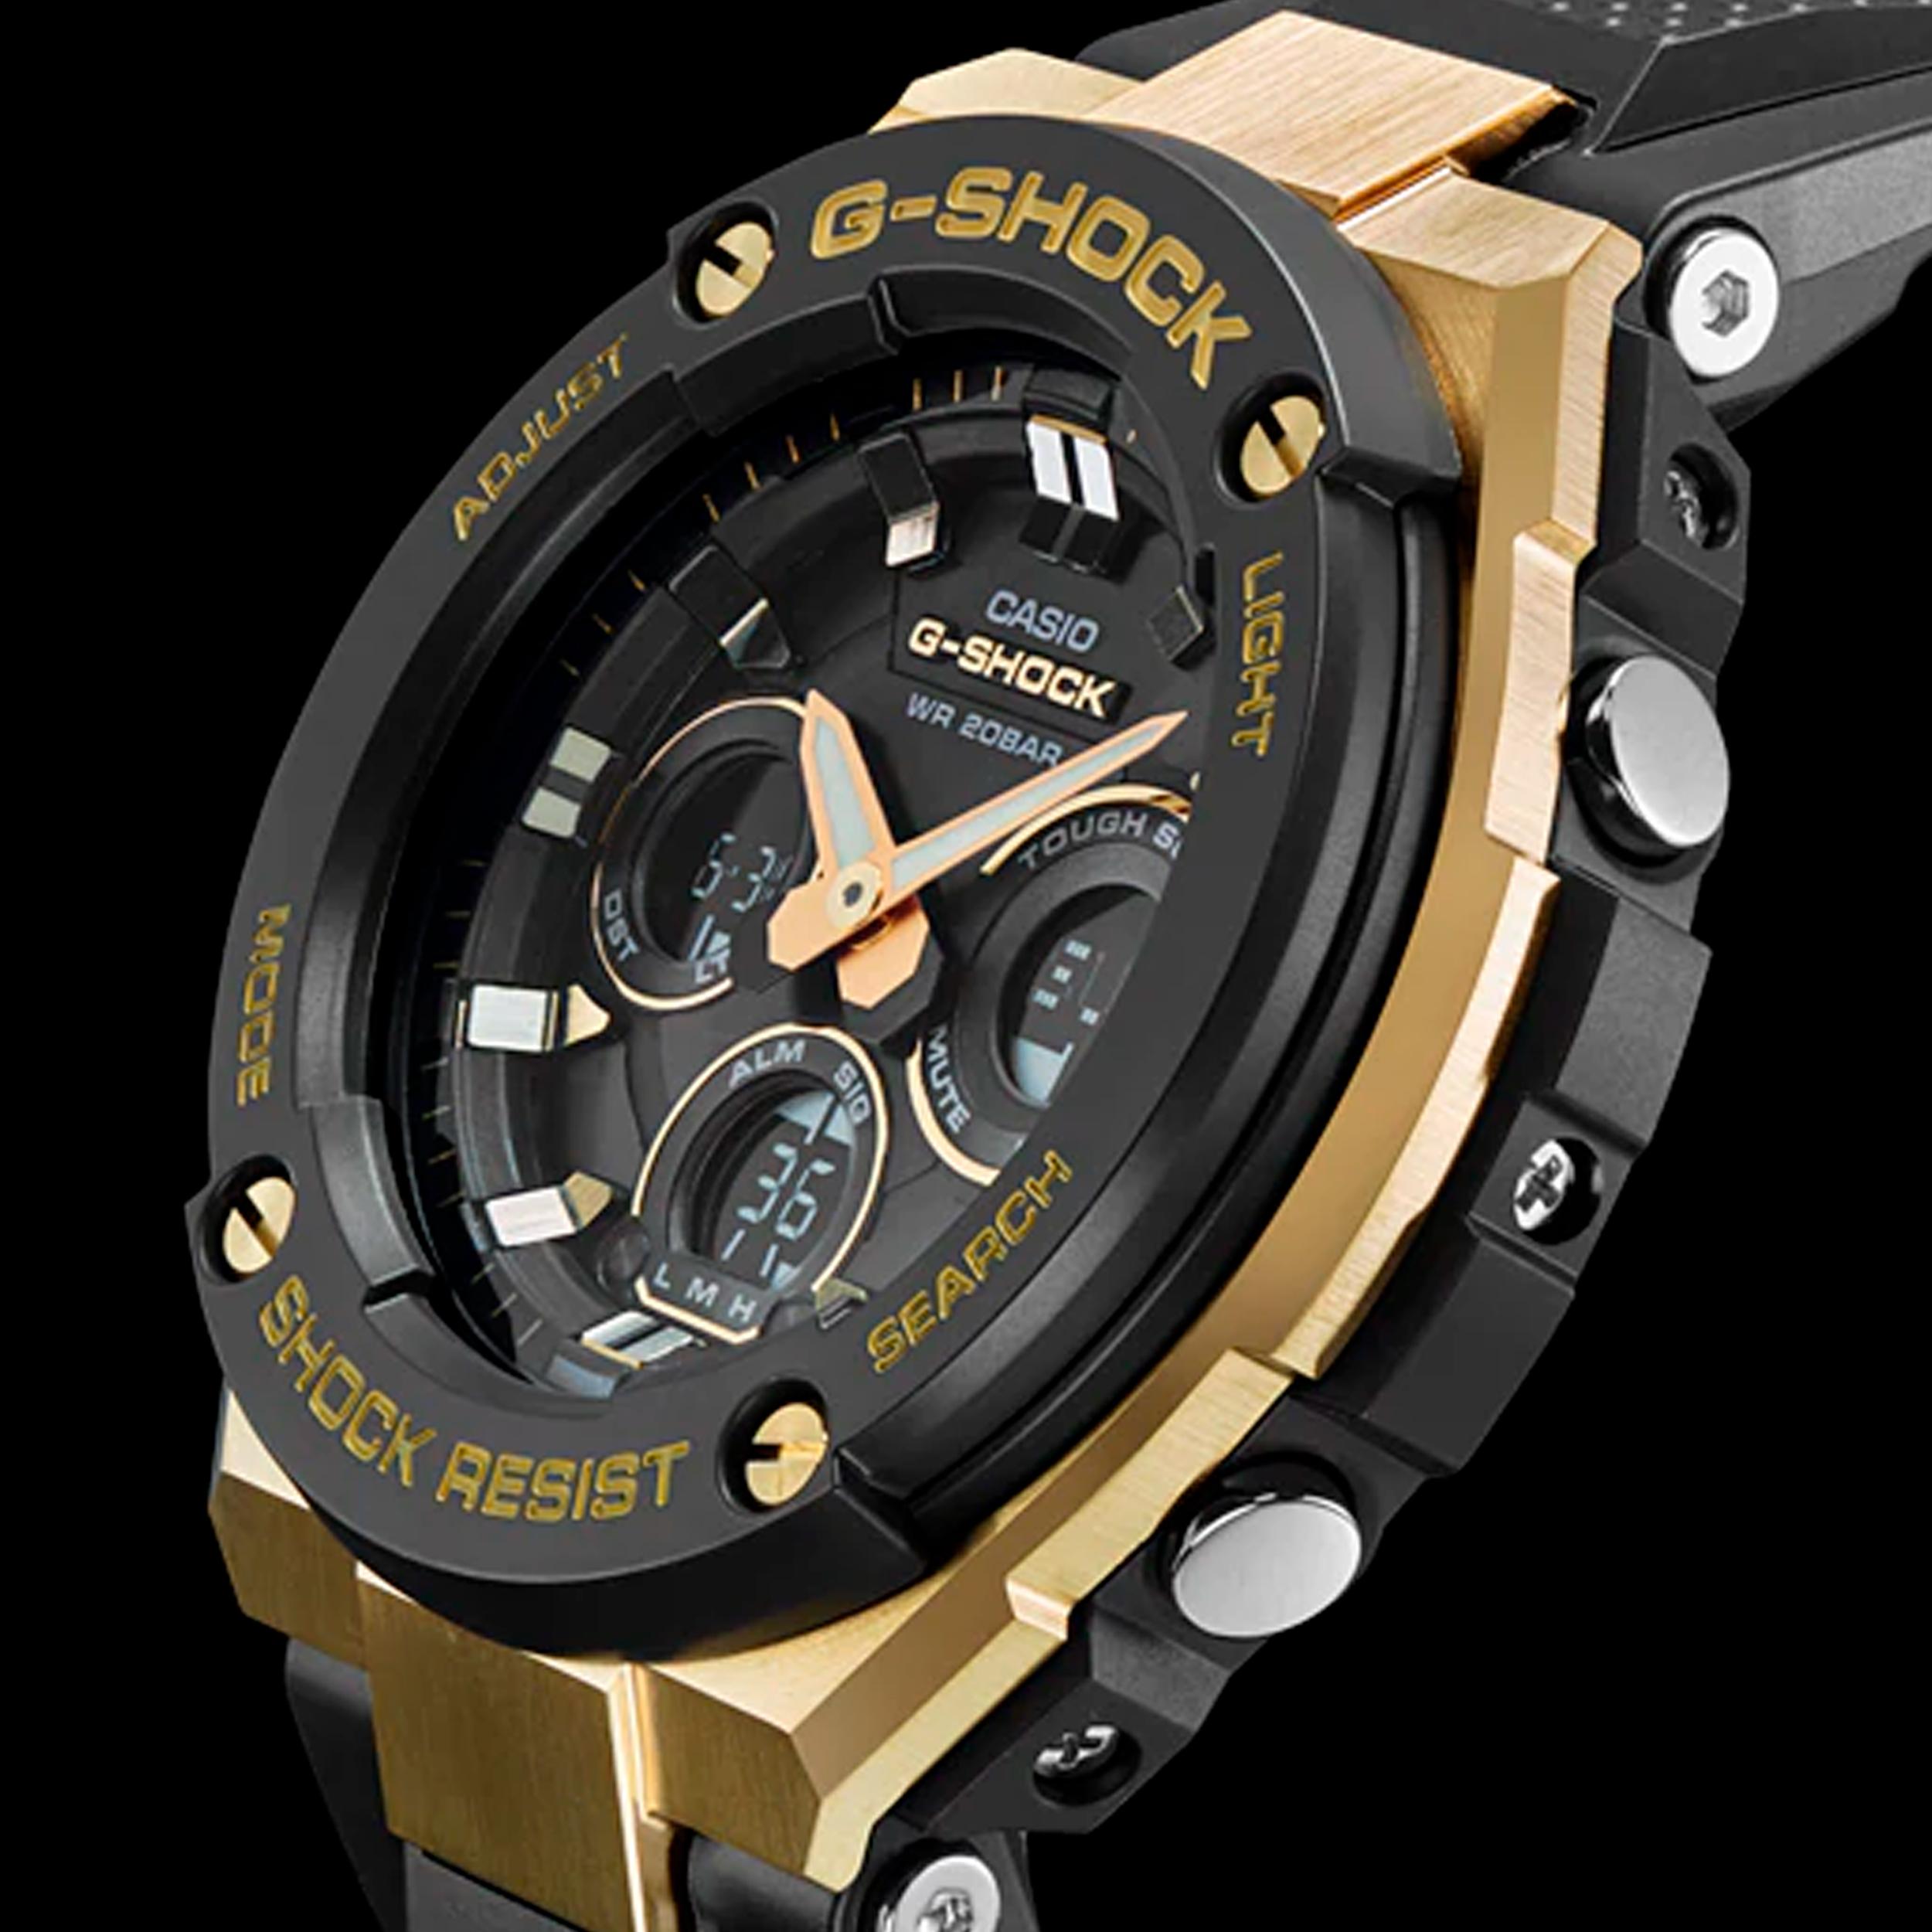 ساعت مچی عقربه ای مردانه کاسیو مدل GST-S300G-1A9